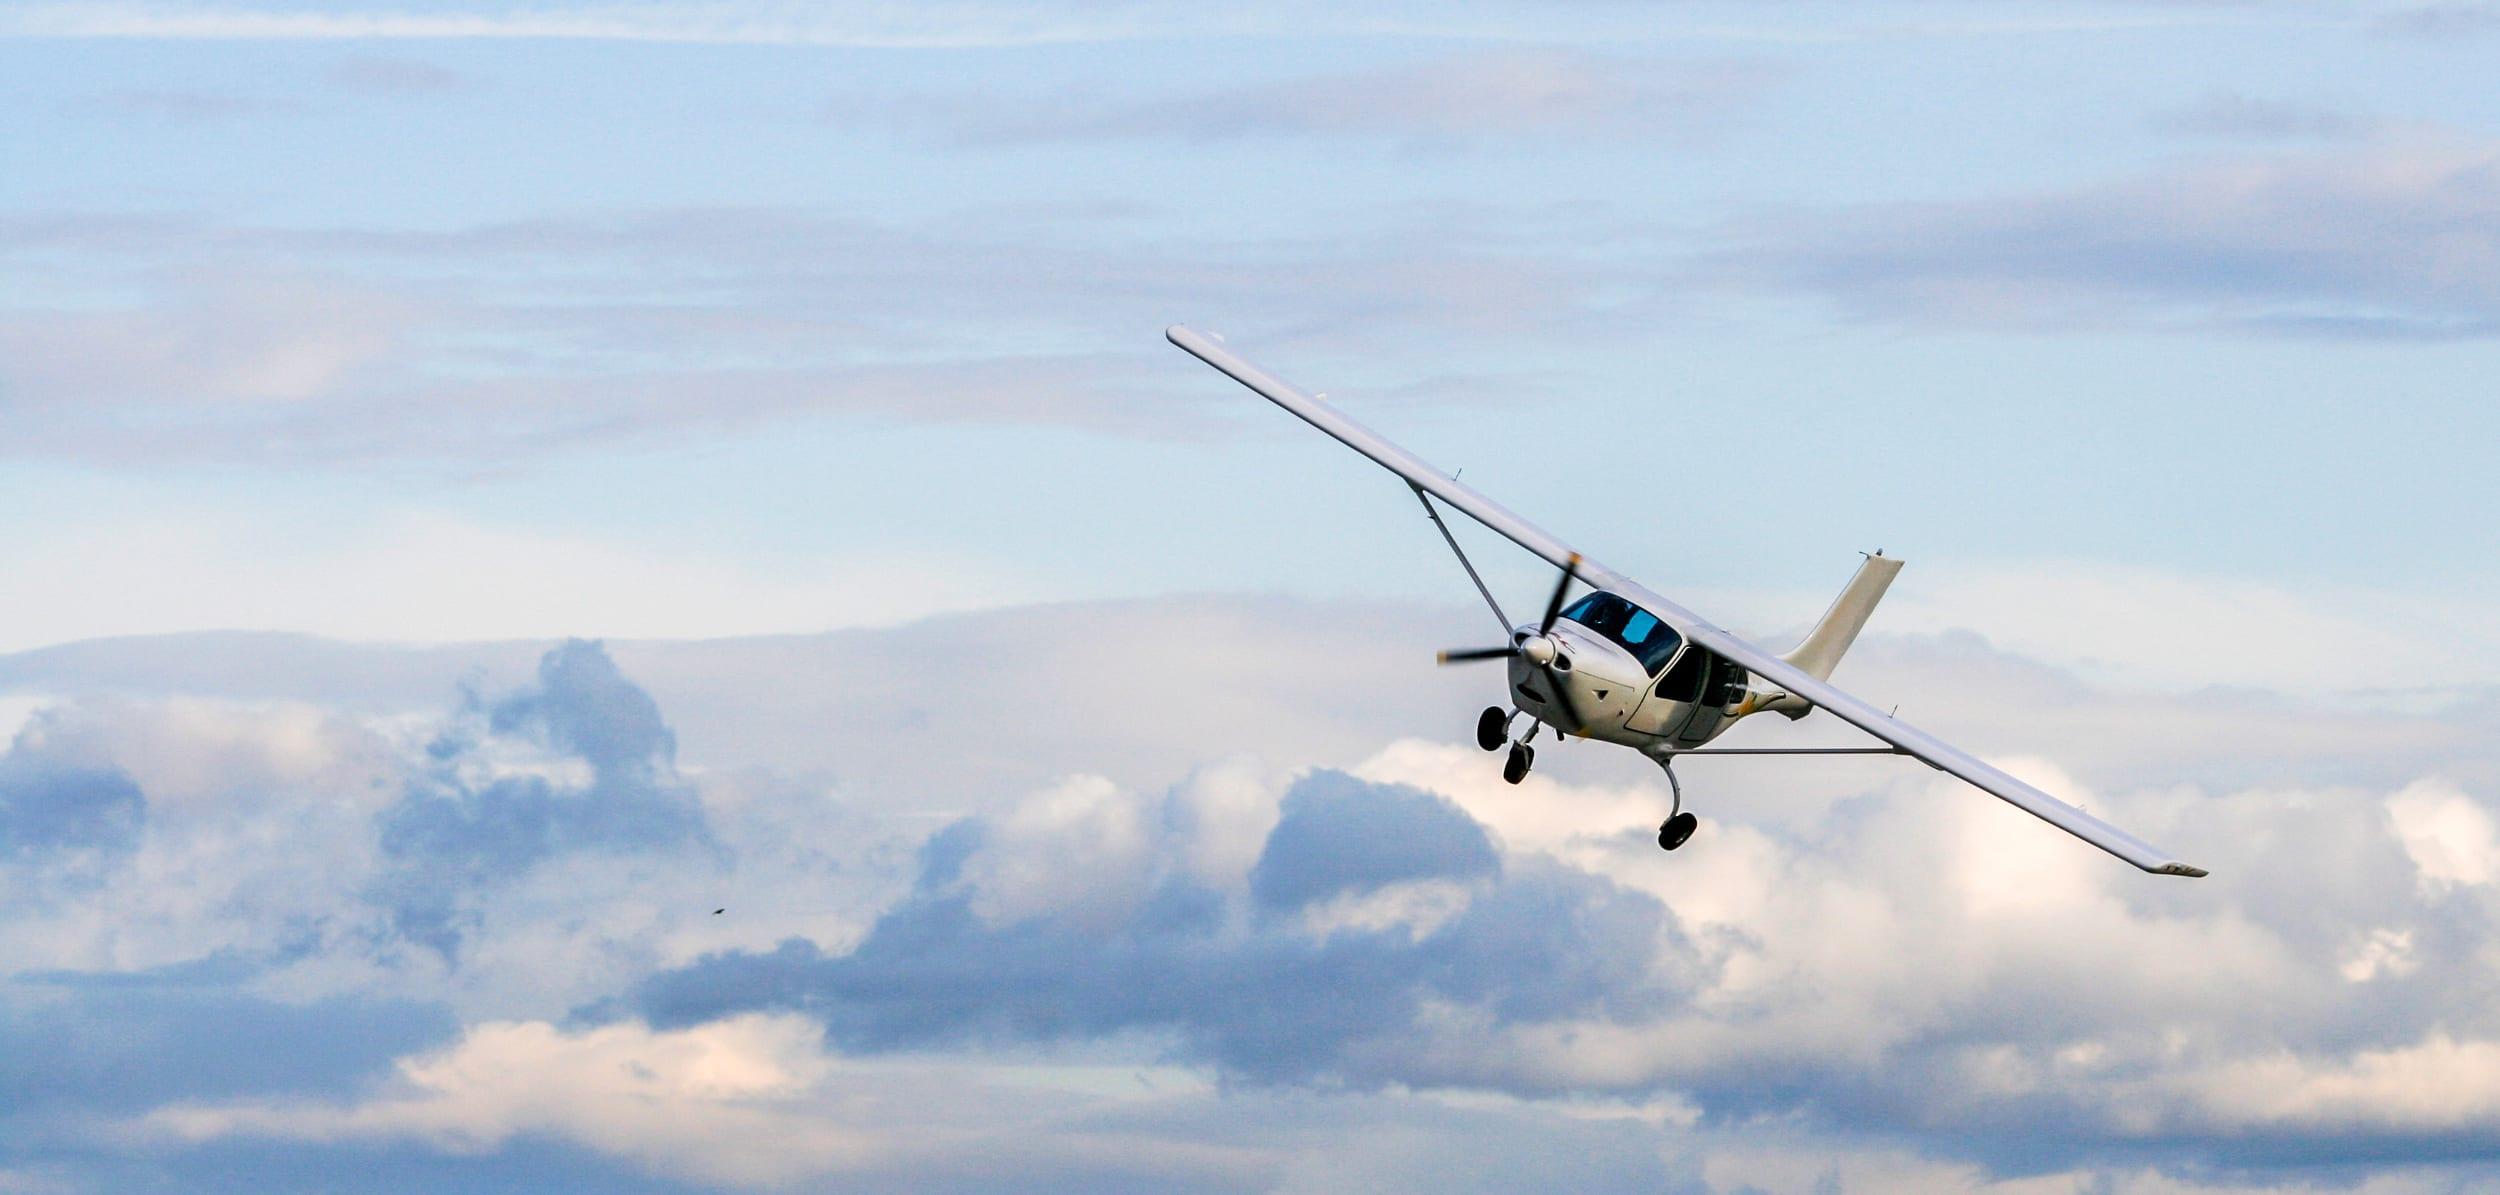 Airborne at last!